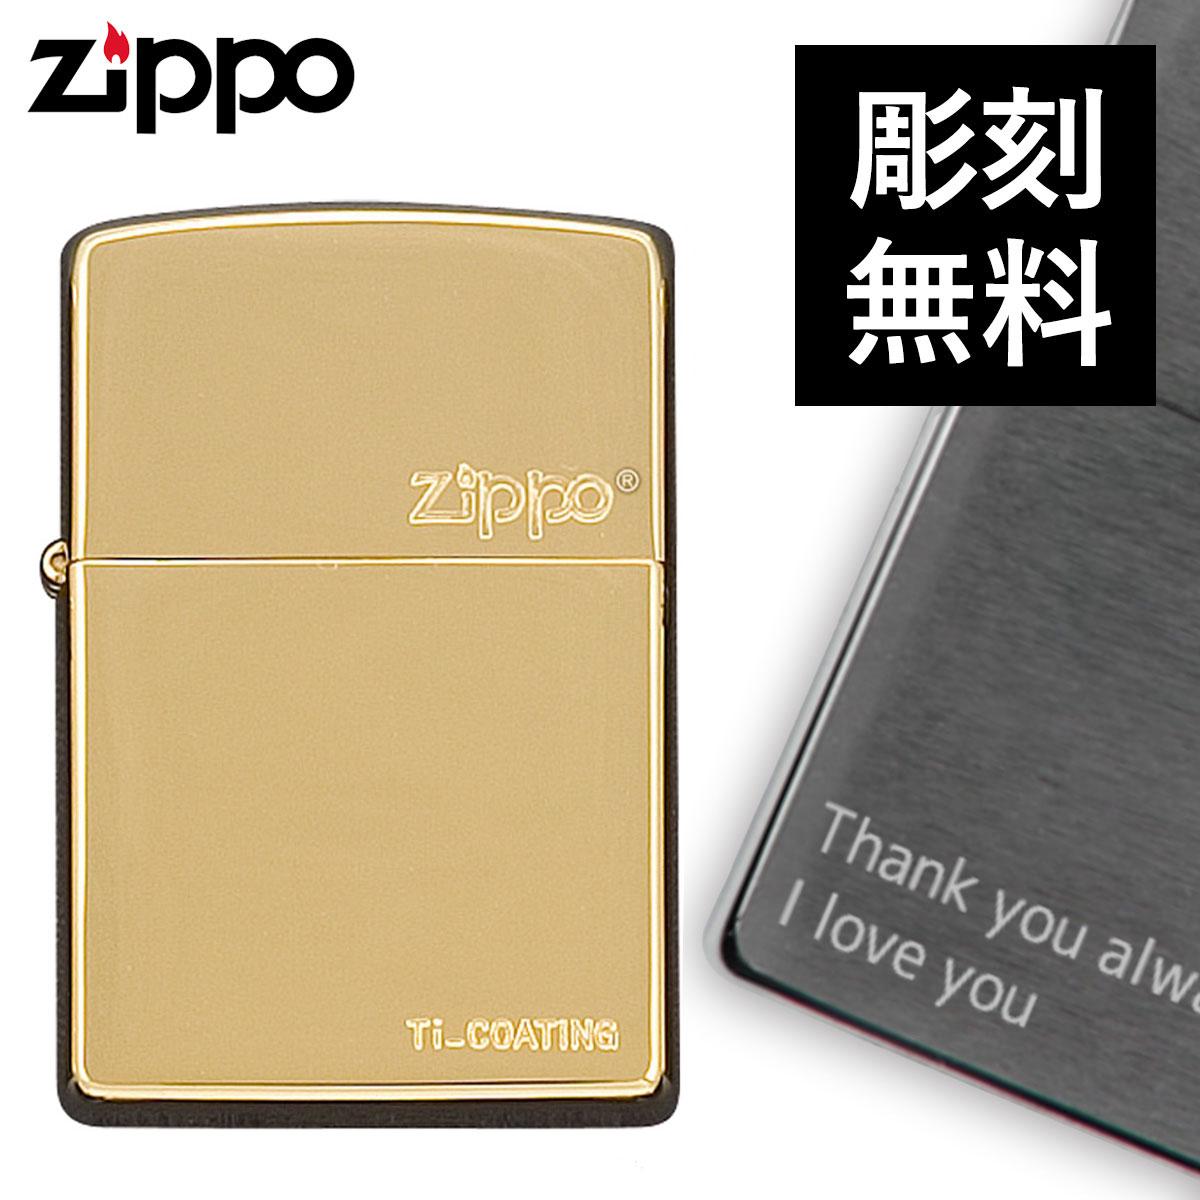 zippo 名入れ ジッポー ライター チタン キズがつきにくい 金チタン B オイルライター ジッポライター ギフト プレゼント 彼氏 男性 メンズ